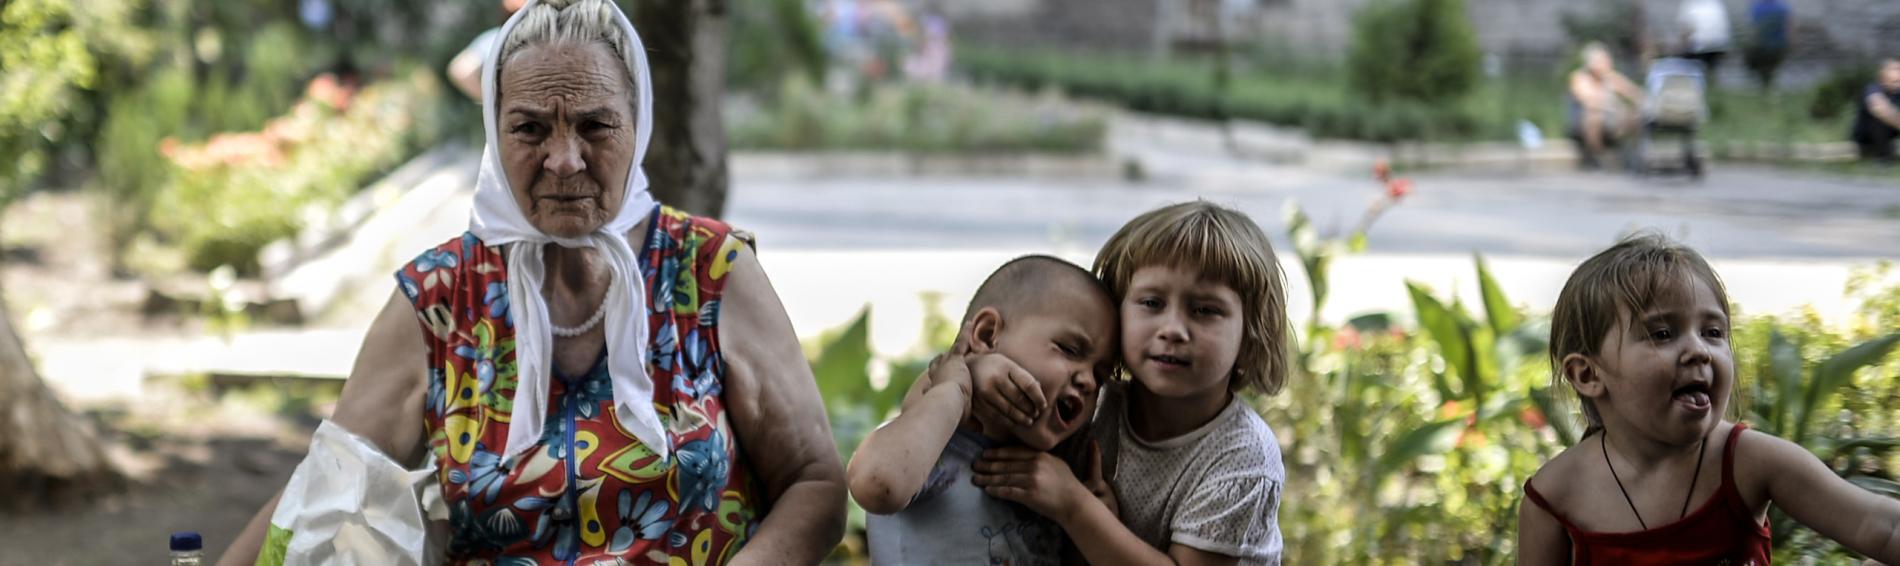 Hilfsbedürftige in der Ukraine. Foto: Ärzte der Welt